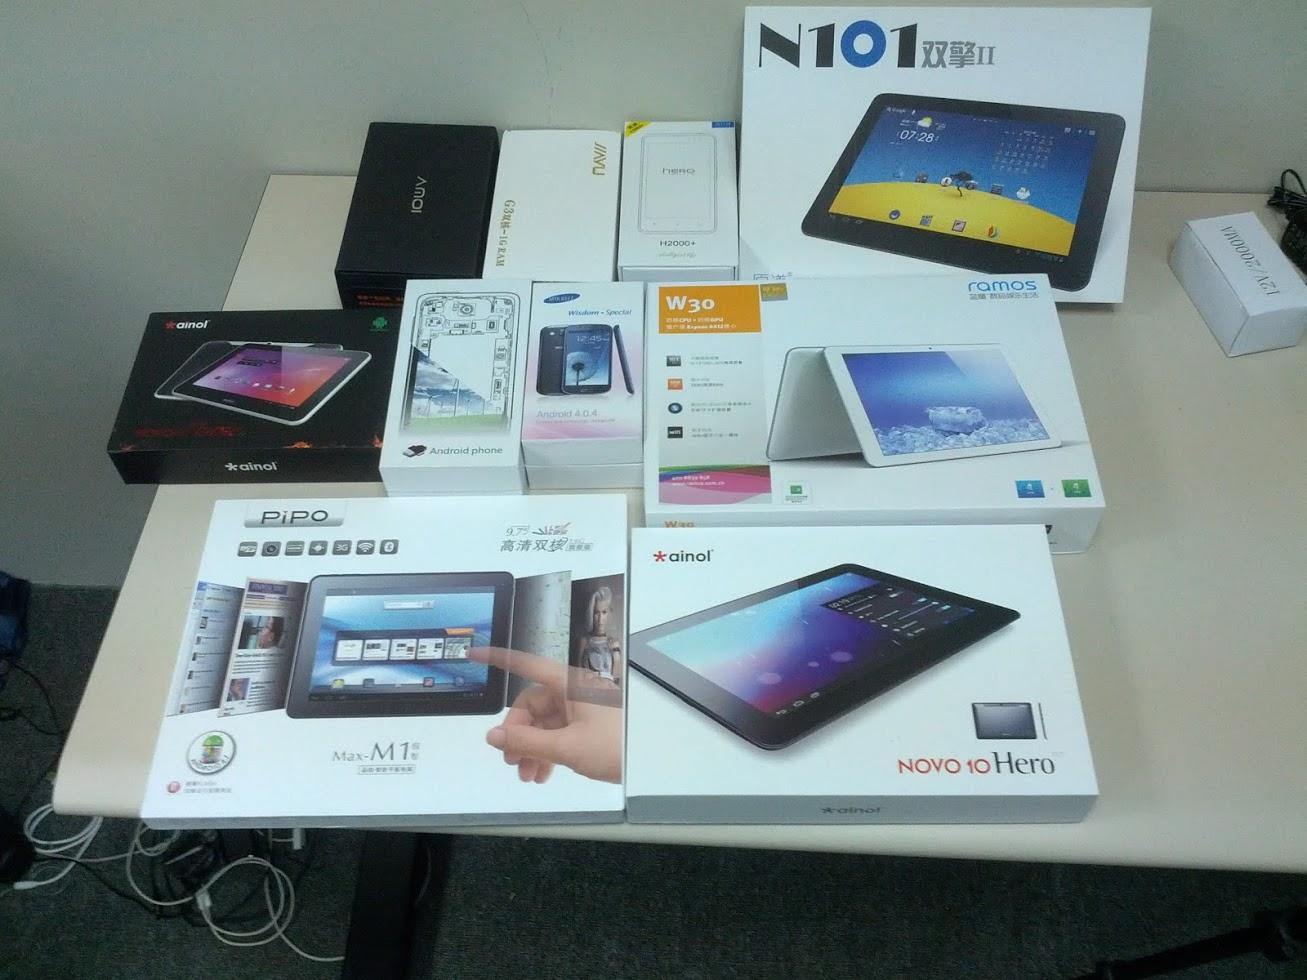 Neue Smartphones und Tablets aus Shenzhen eingetroffen